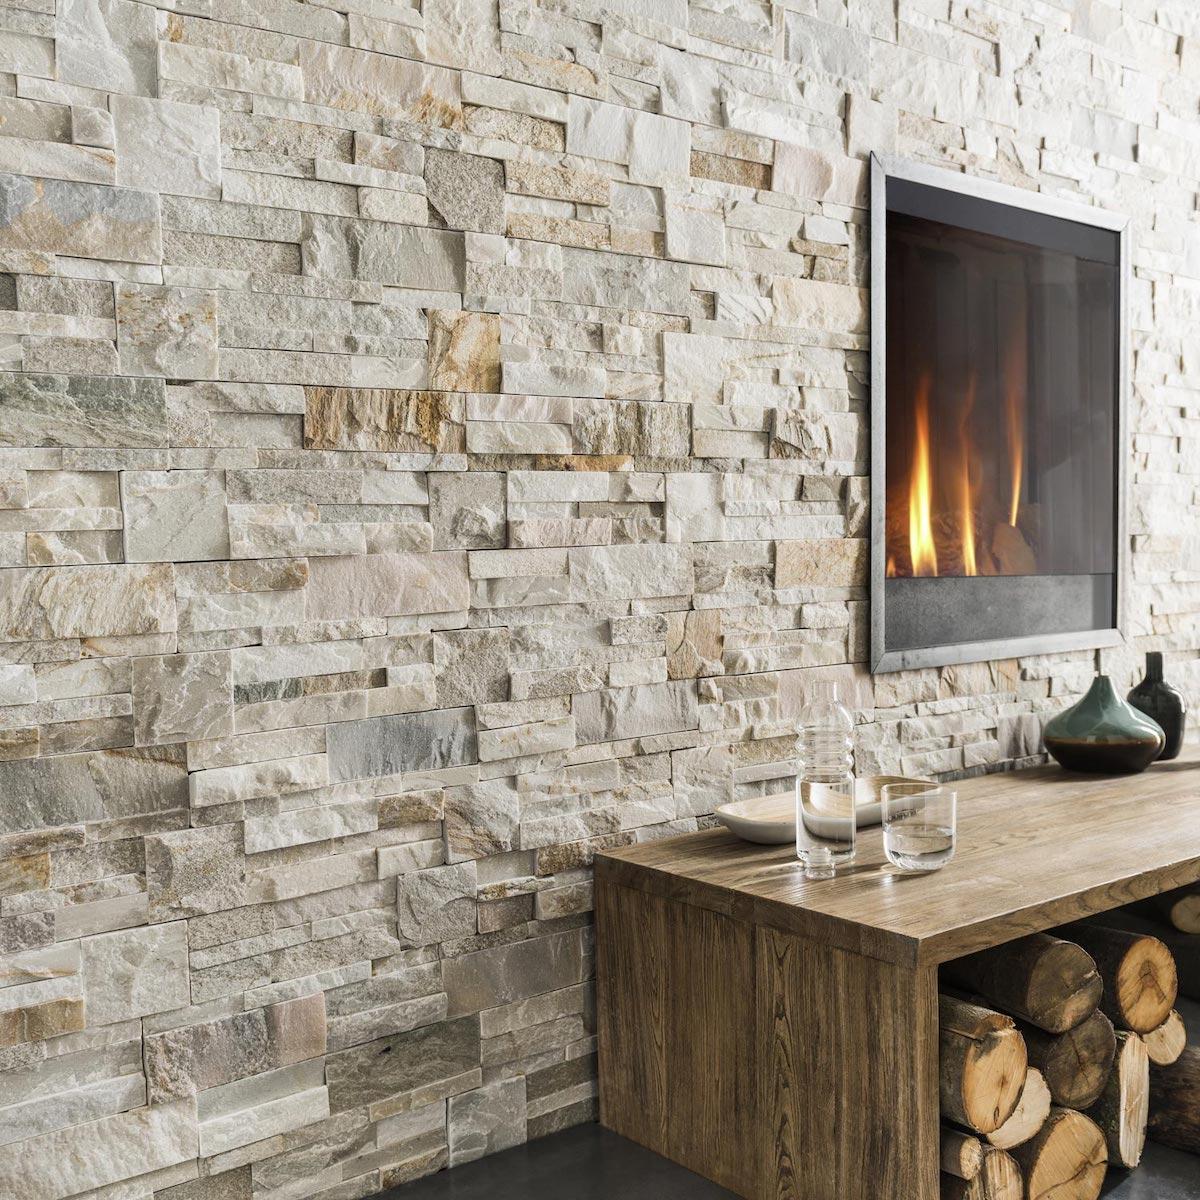 blog déco clematc salon tendance chaleureux cheminée incrusté mur en parement gris beige